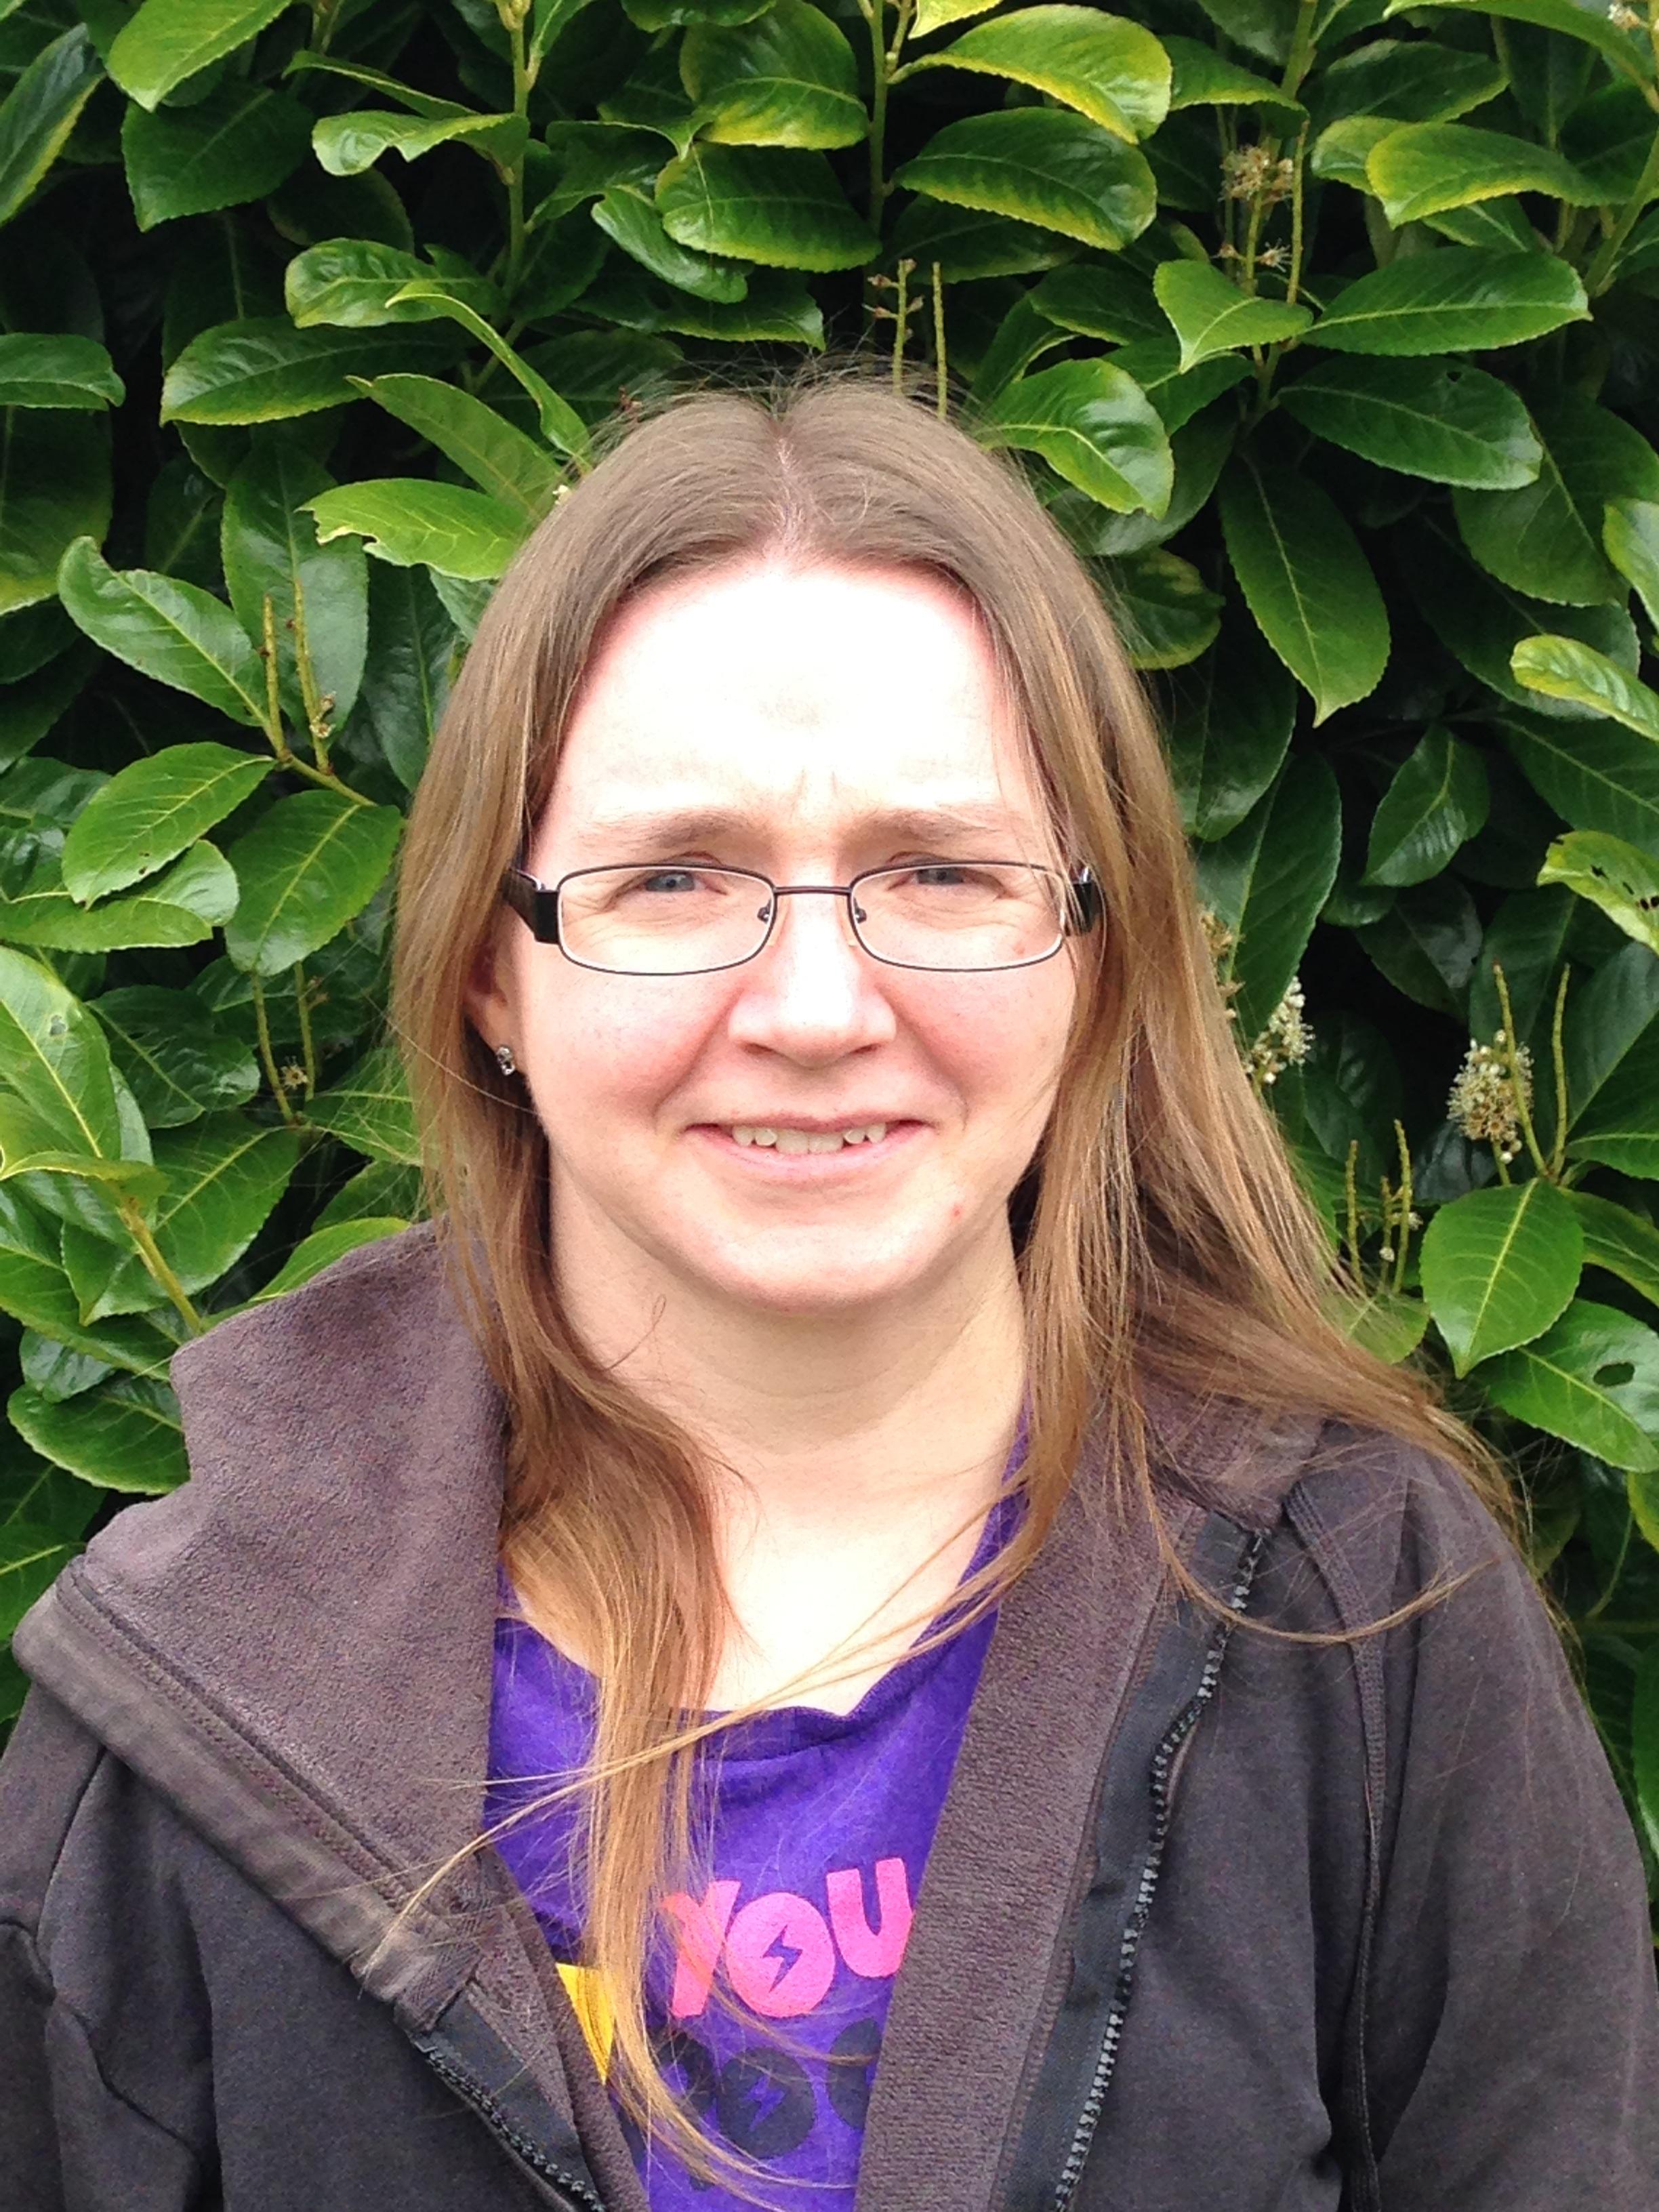 Zoe McCormick